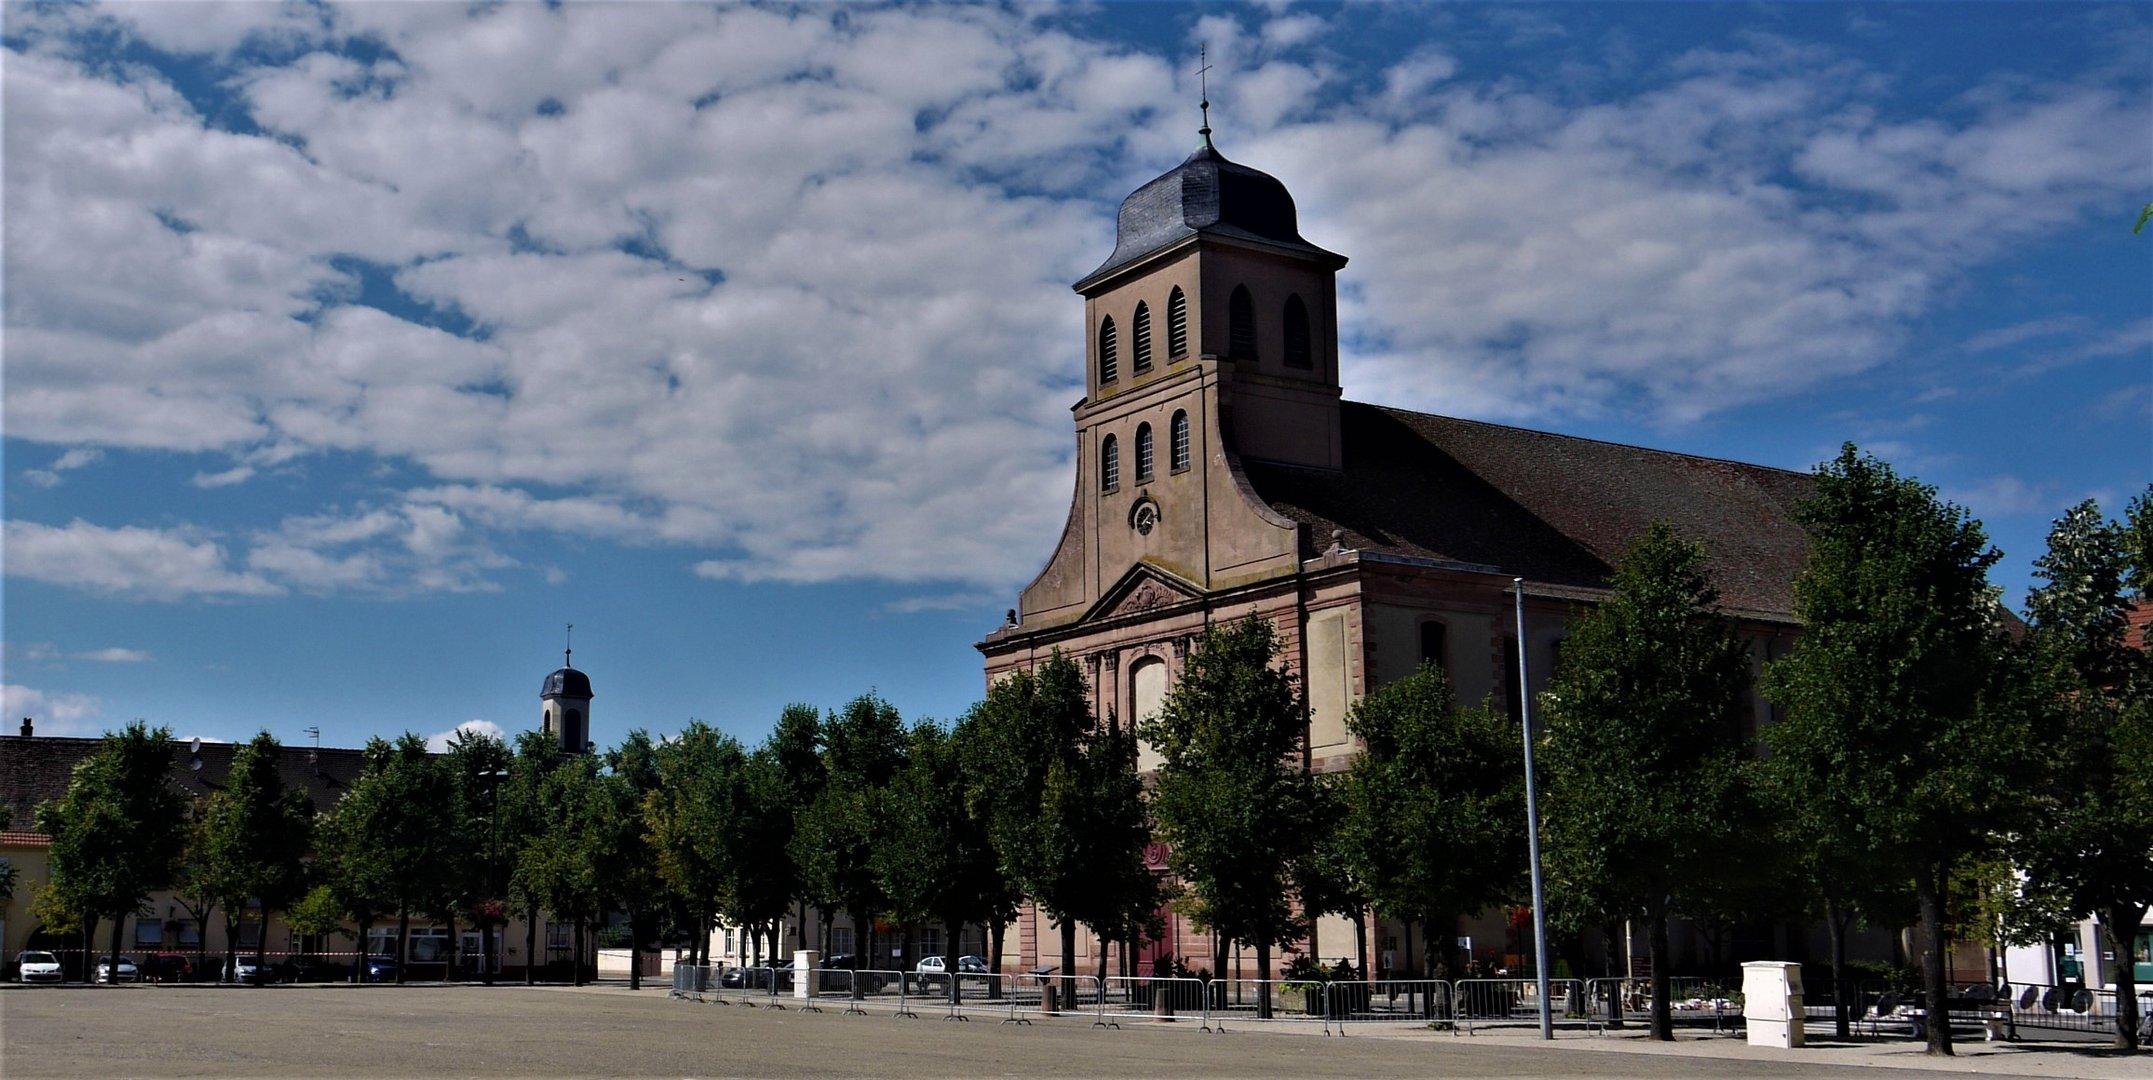 Urlaub 2017 - Neuf Brisach mit St.Louis und Eglise Protestante